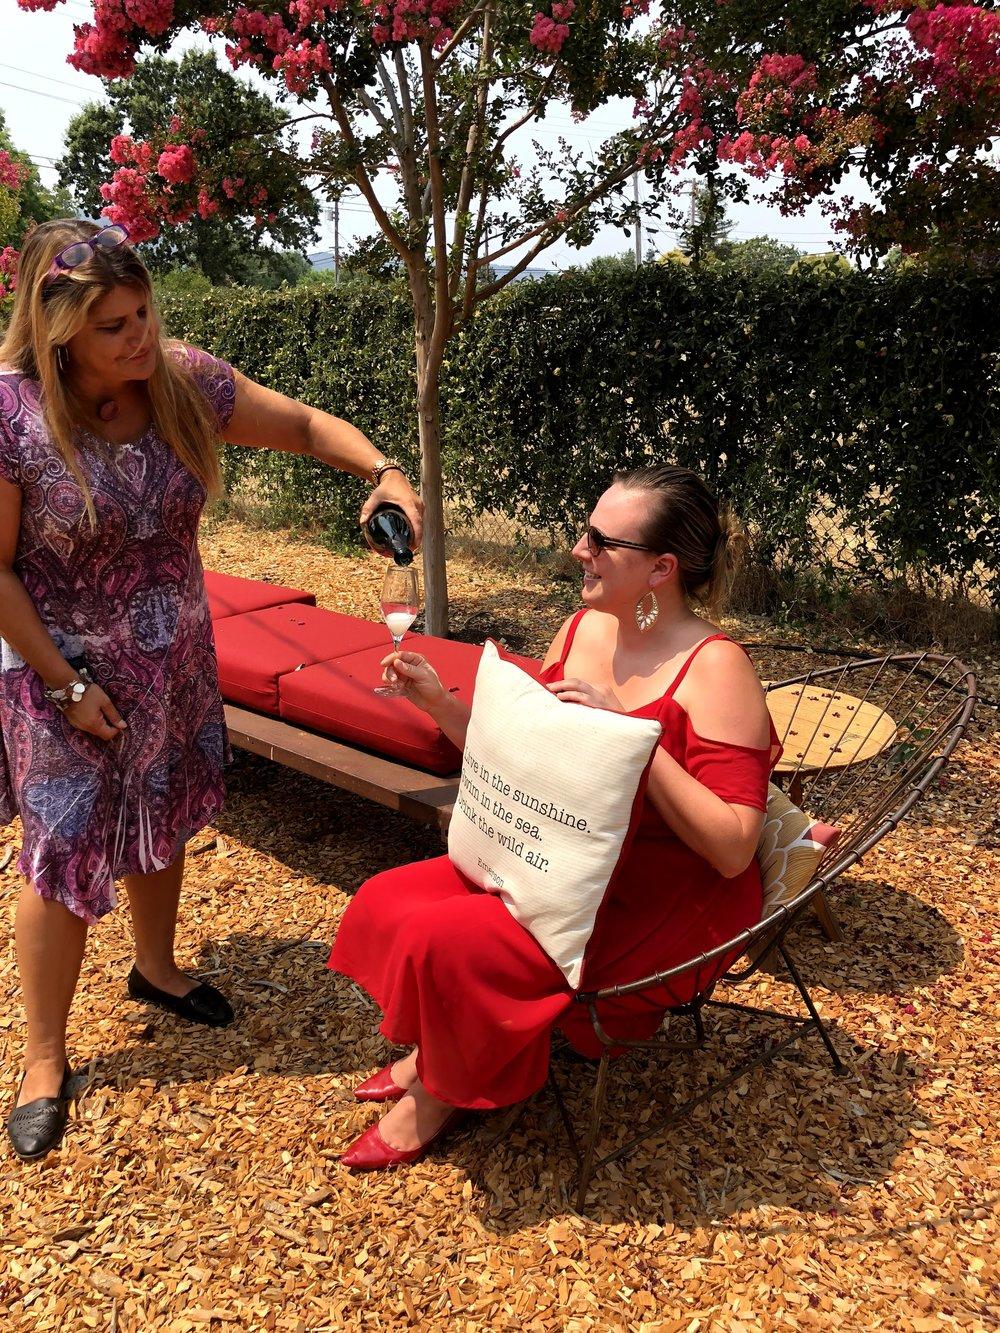 Annette McDonnell Kenwood Paradise Ridge Tasting Manager